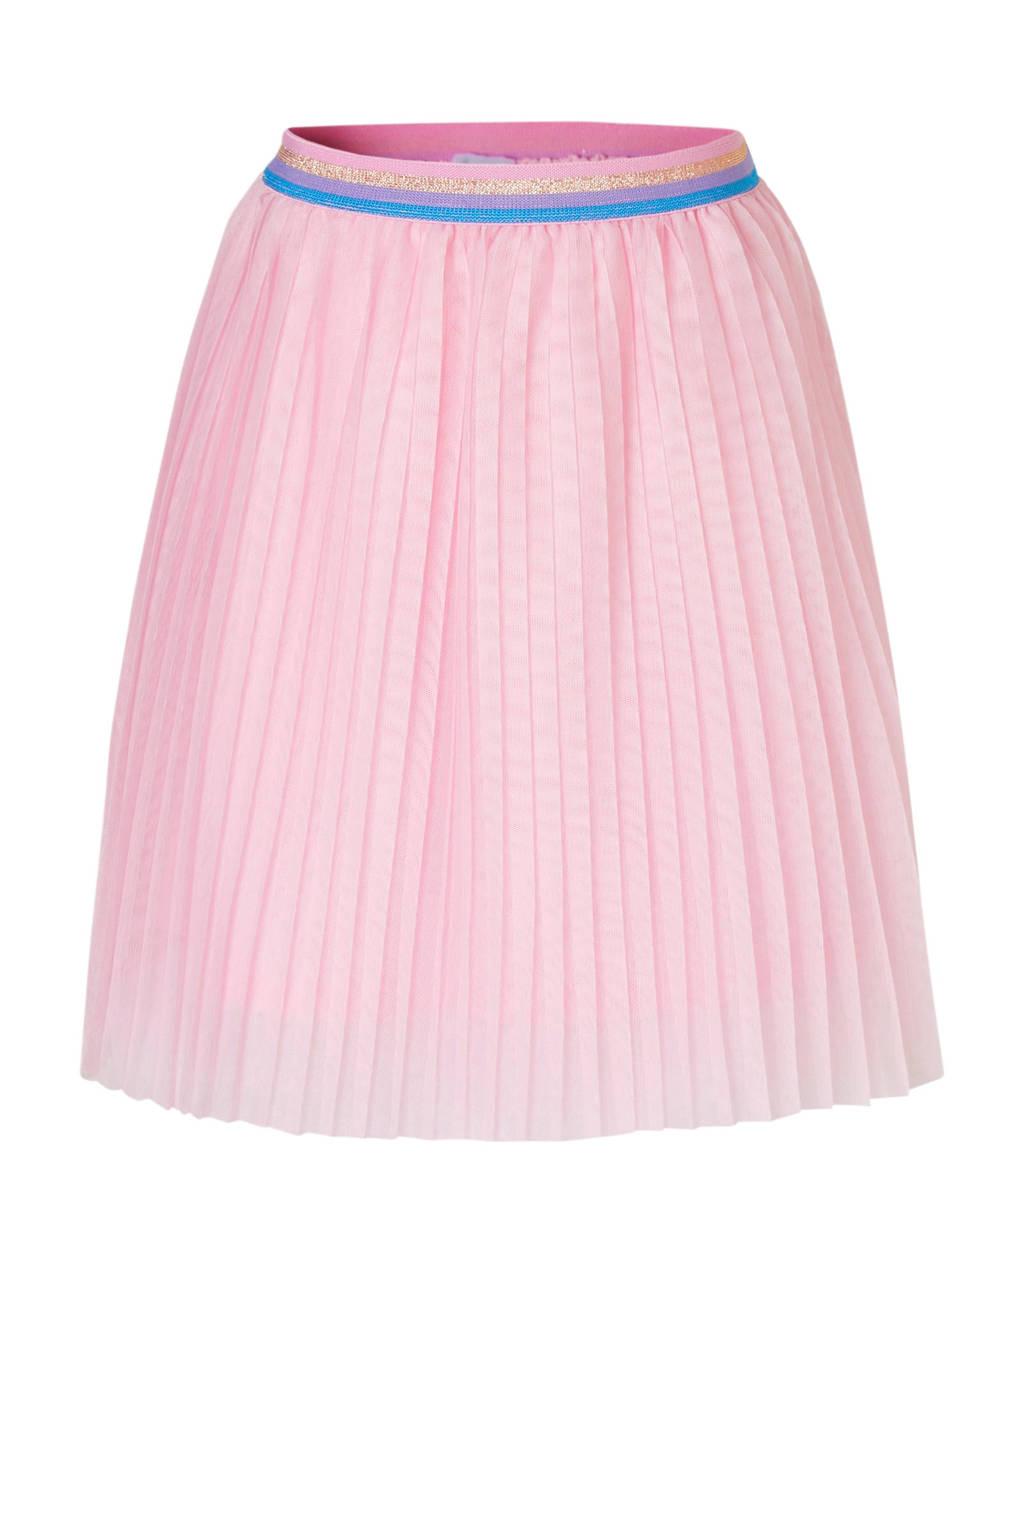 C&A Palomino tule plissé rok roze, Lichtroze